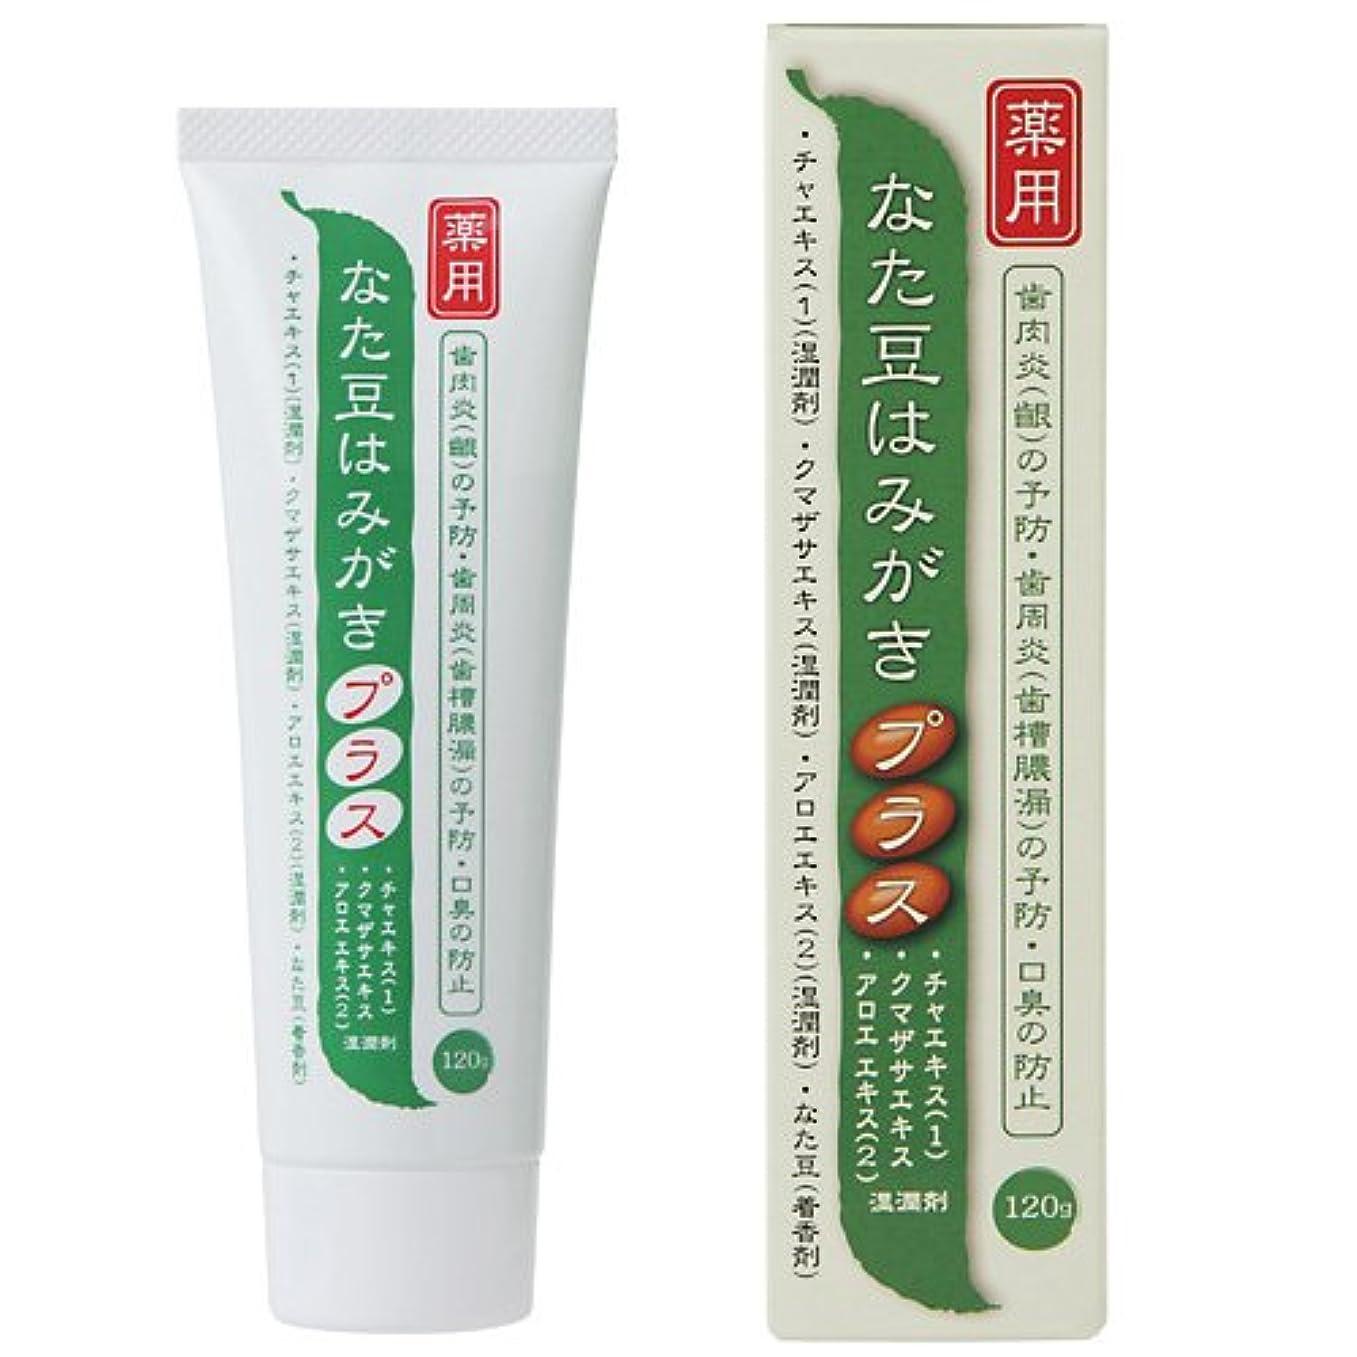 調べる十一未満プラセス製薬 薬用なた豆歯磨き プラス 120g